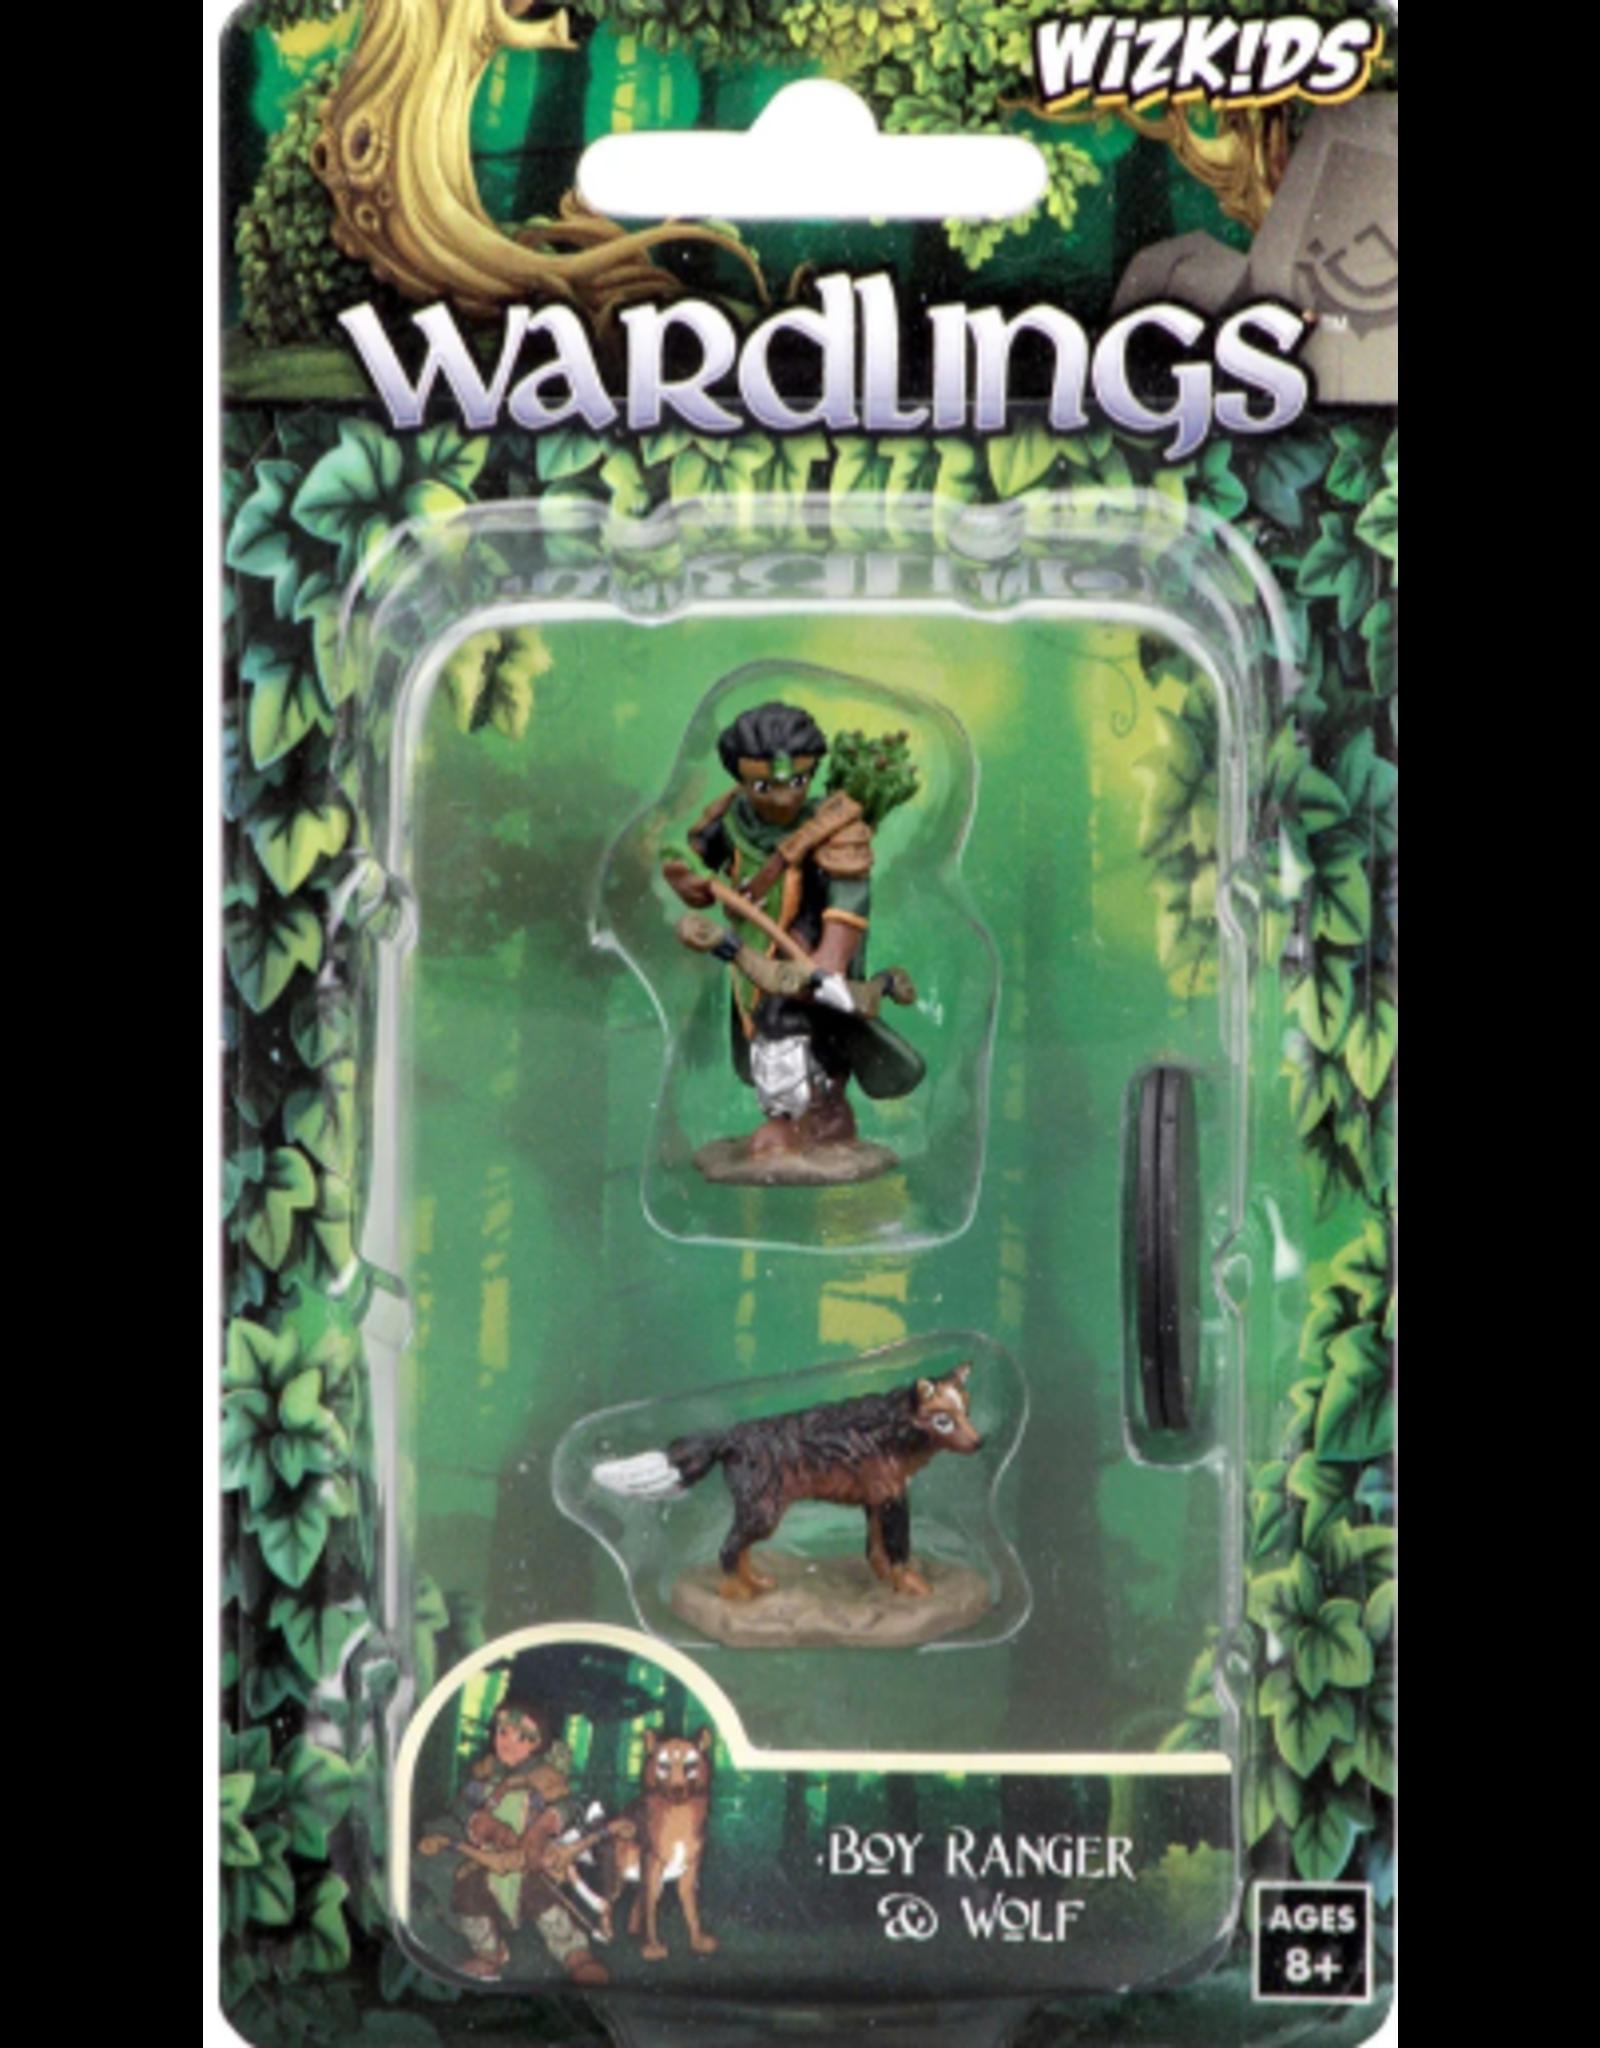 Wizkids Wardlings: Boy Ranger & Wolf